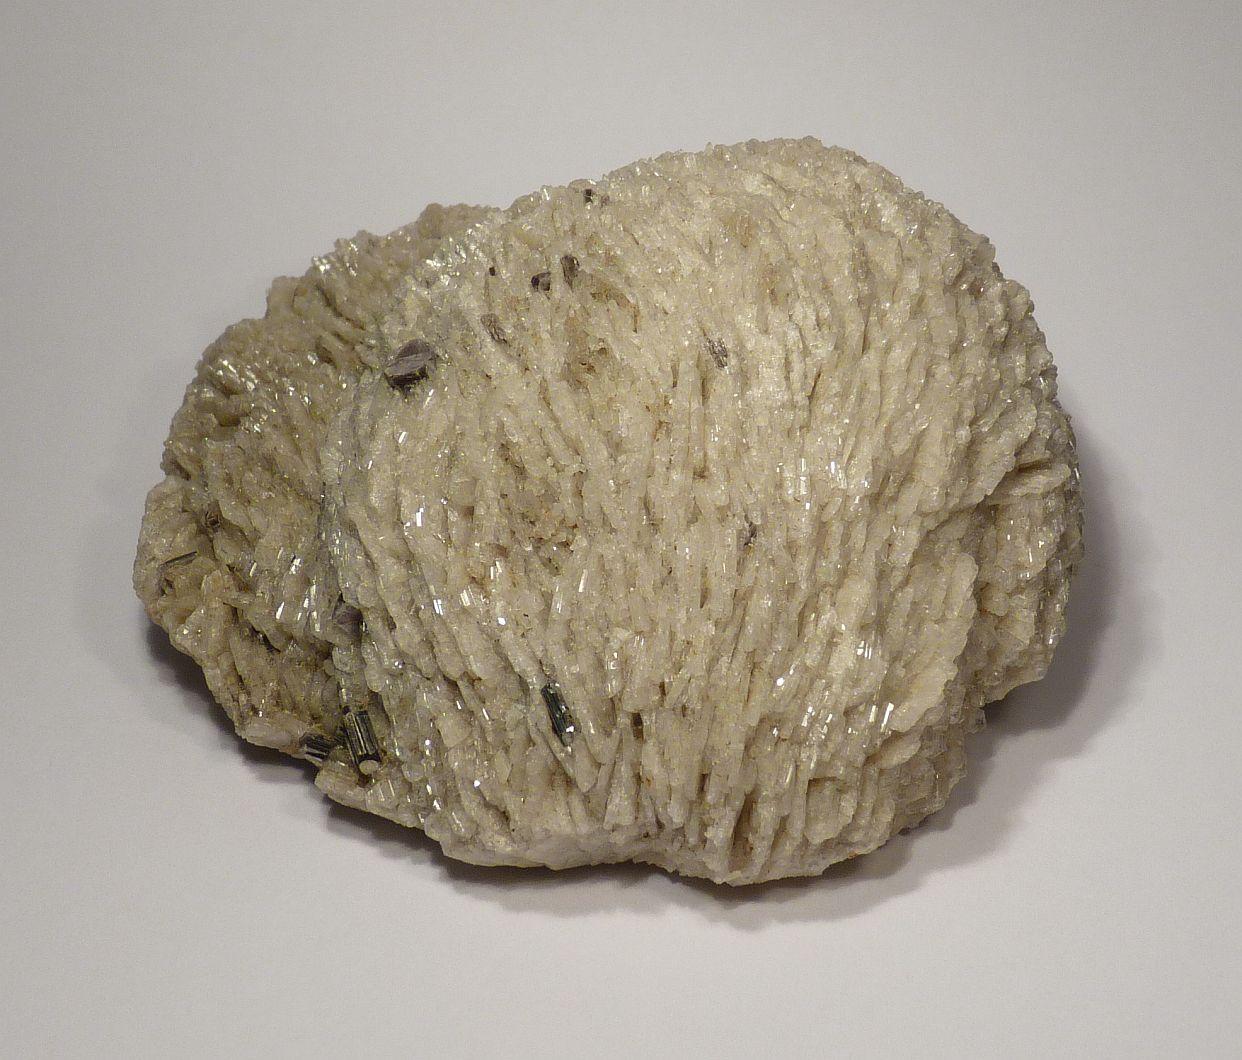 Cleavelandite